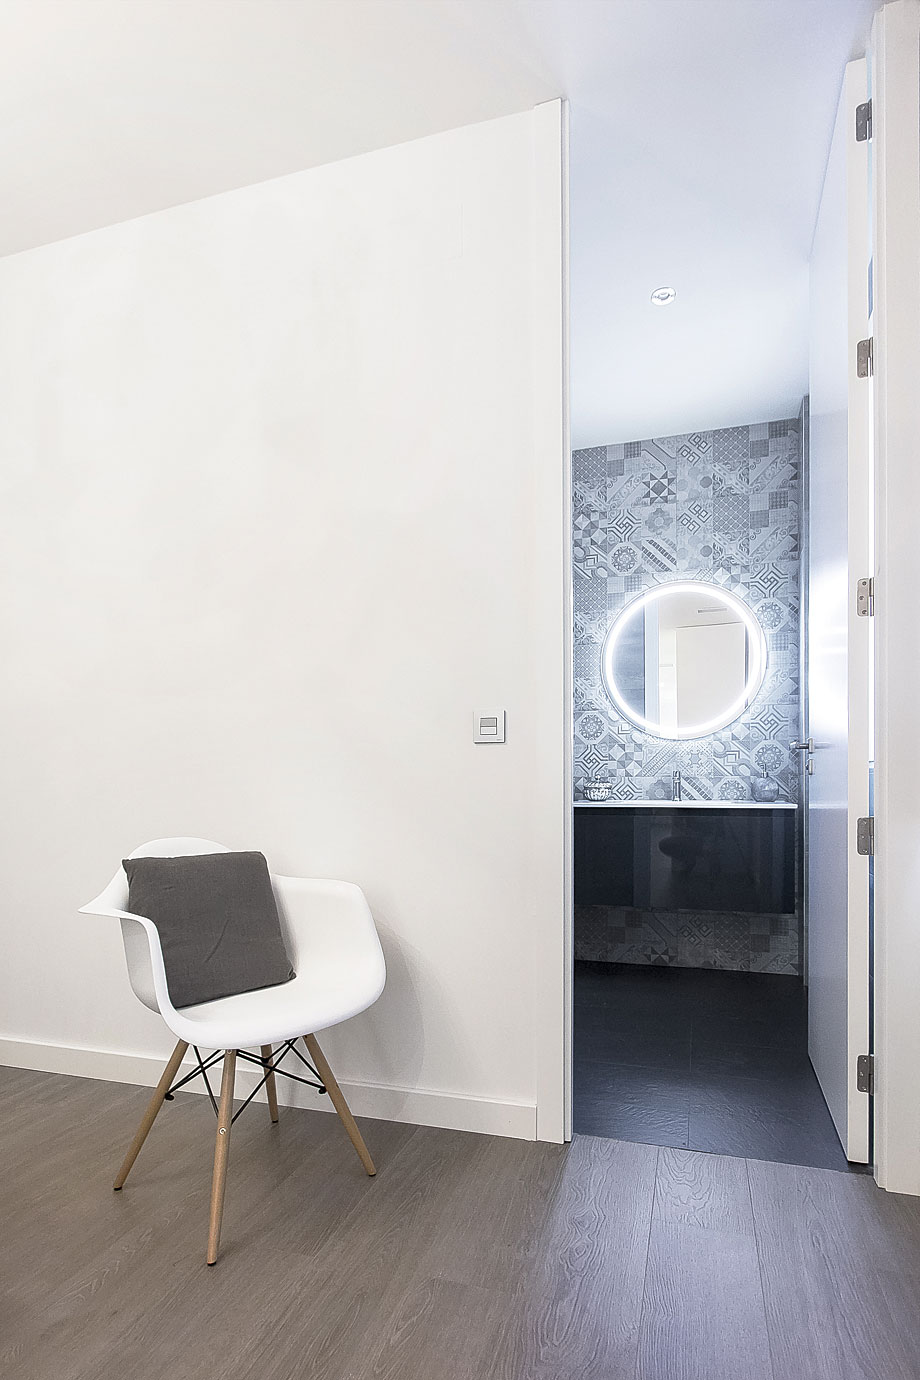 diseño-interior-vivienda-madrid-amasl-estudio-artycocina-santos (26)